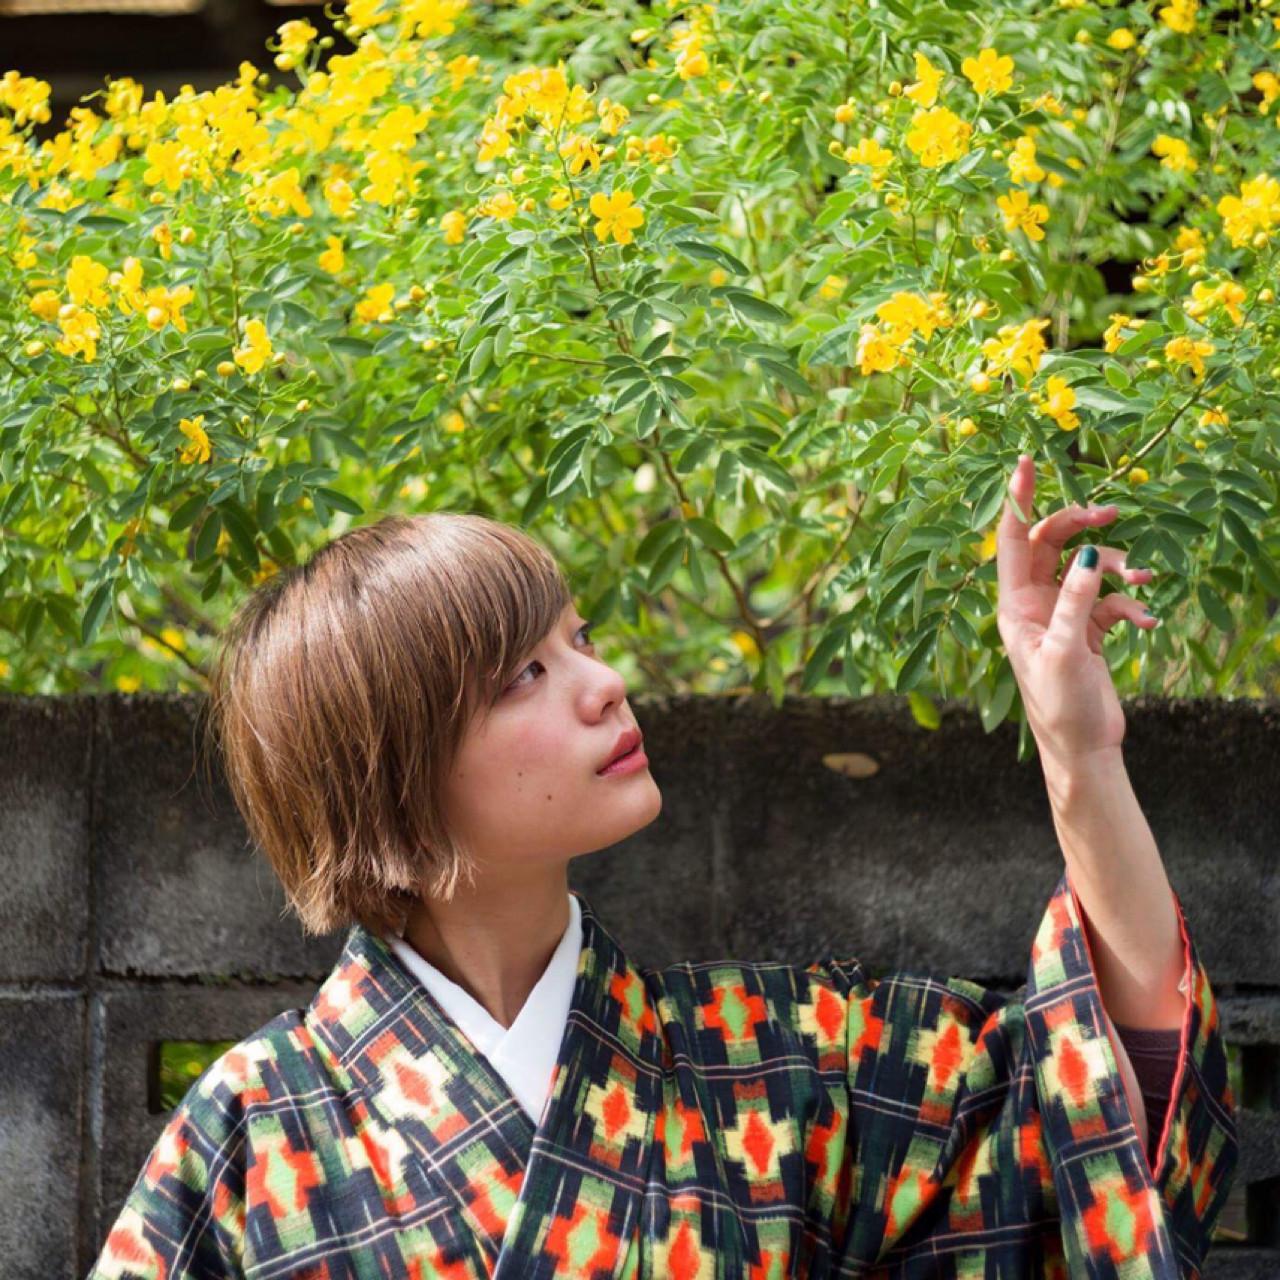 シンプルアレンジでナチュラルに 石川 瑠利子